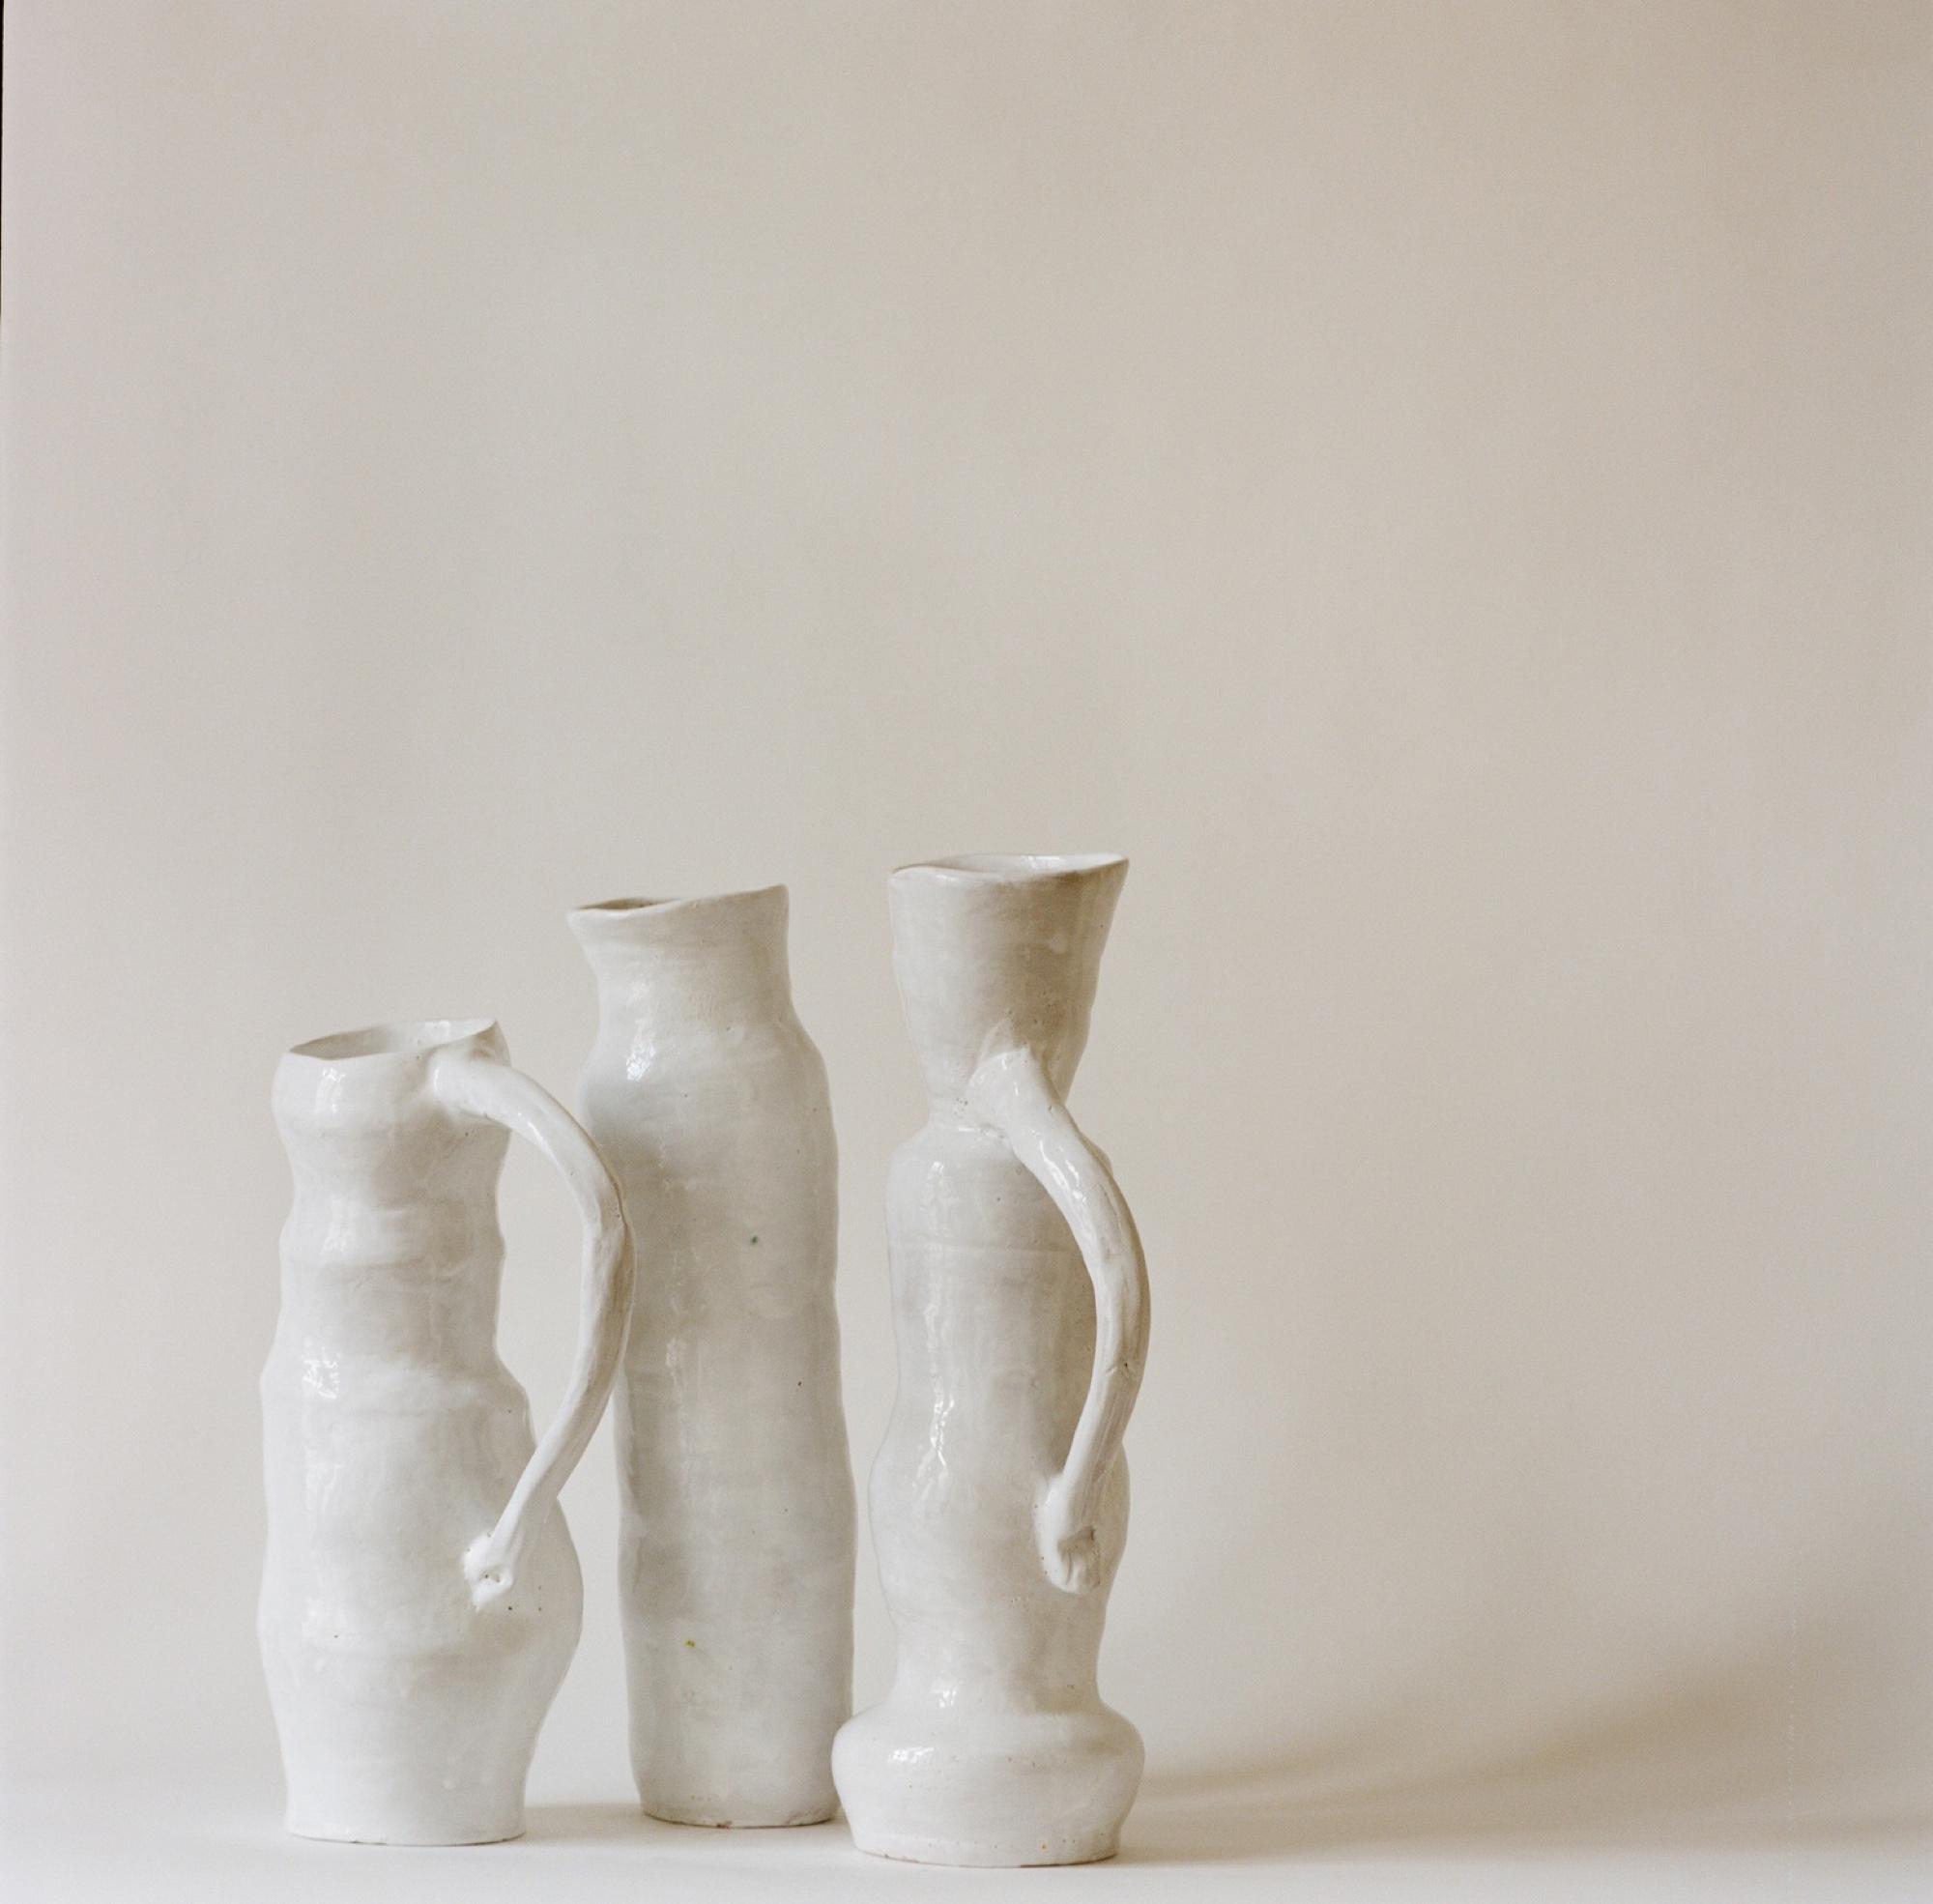 Vases    2012